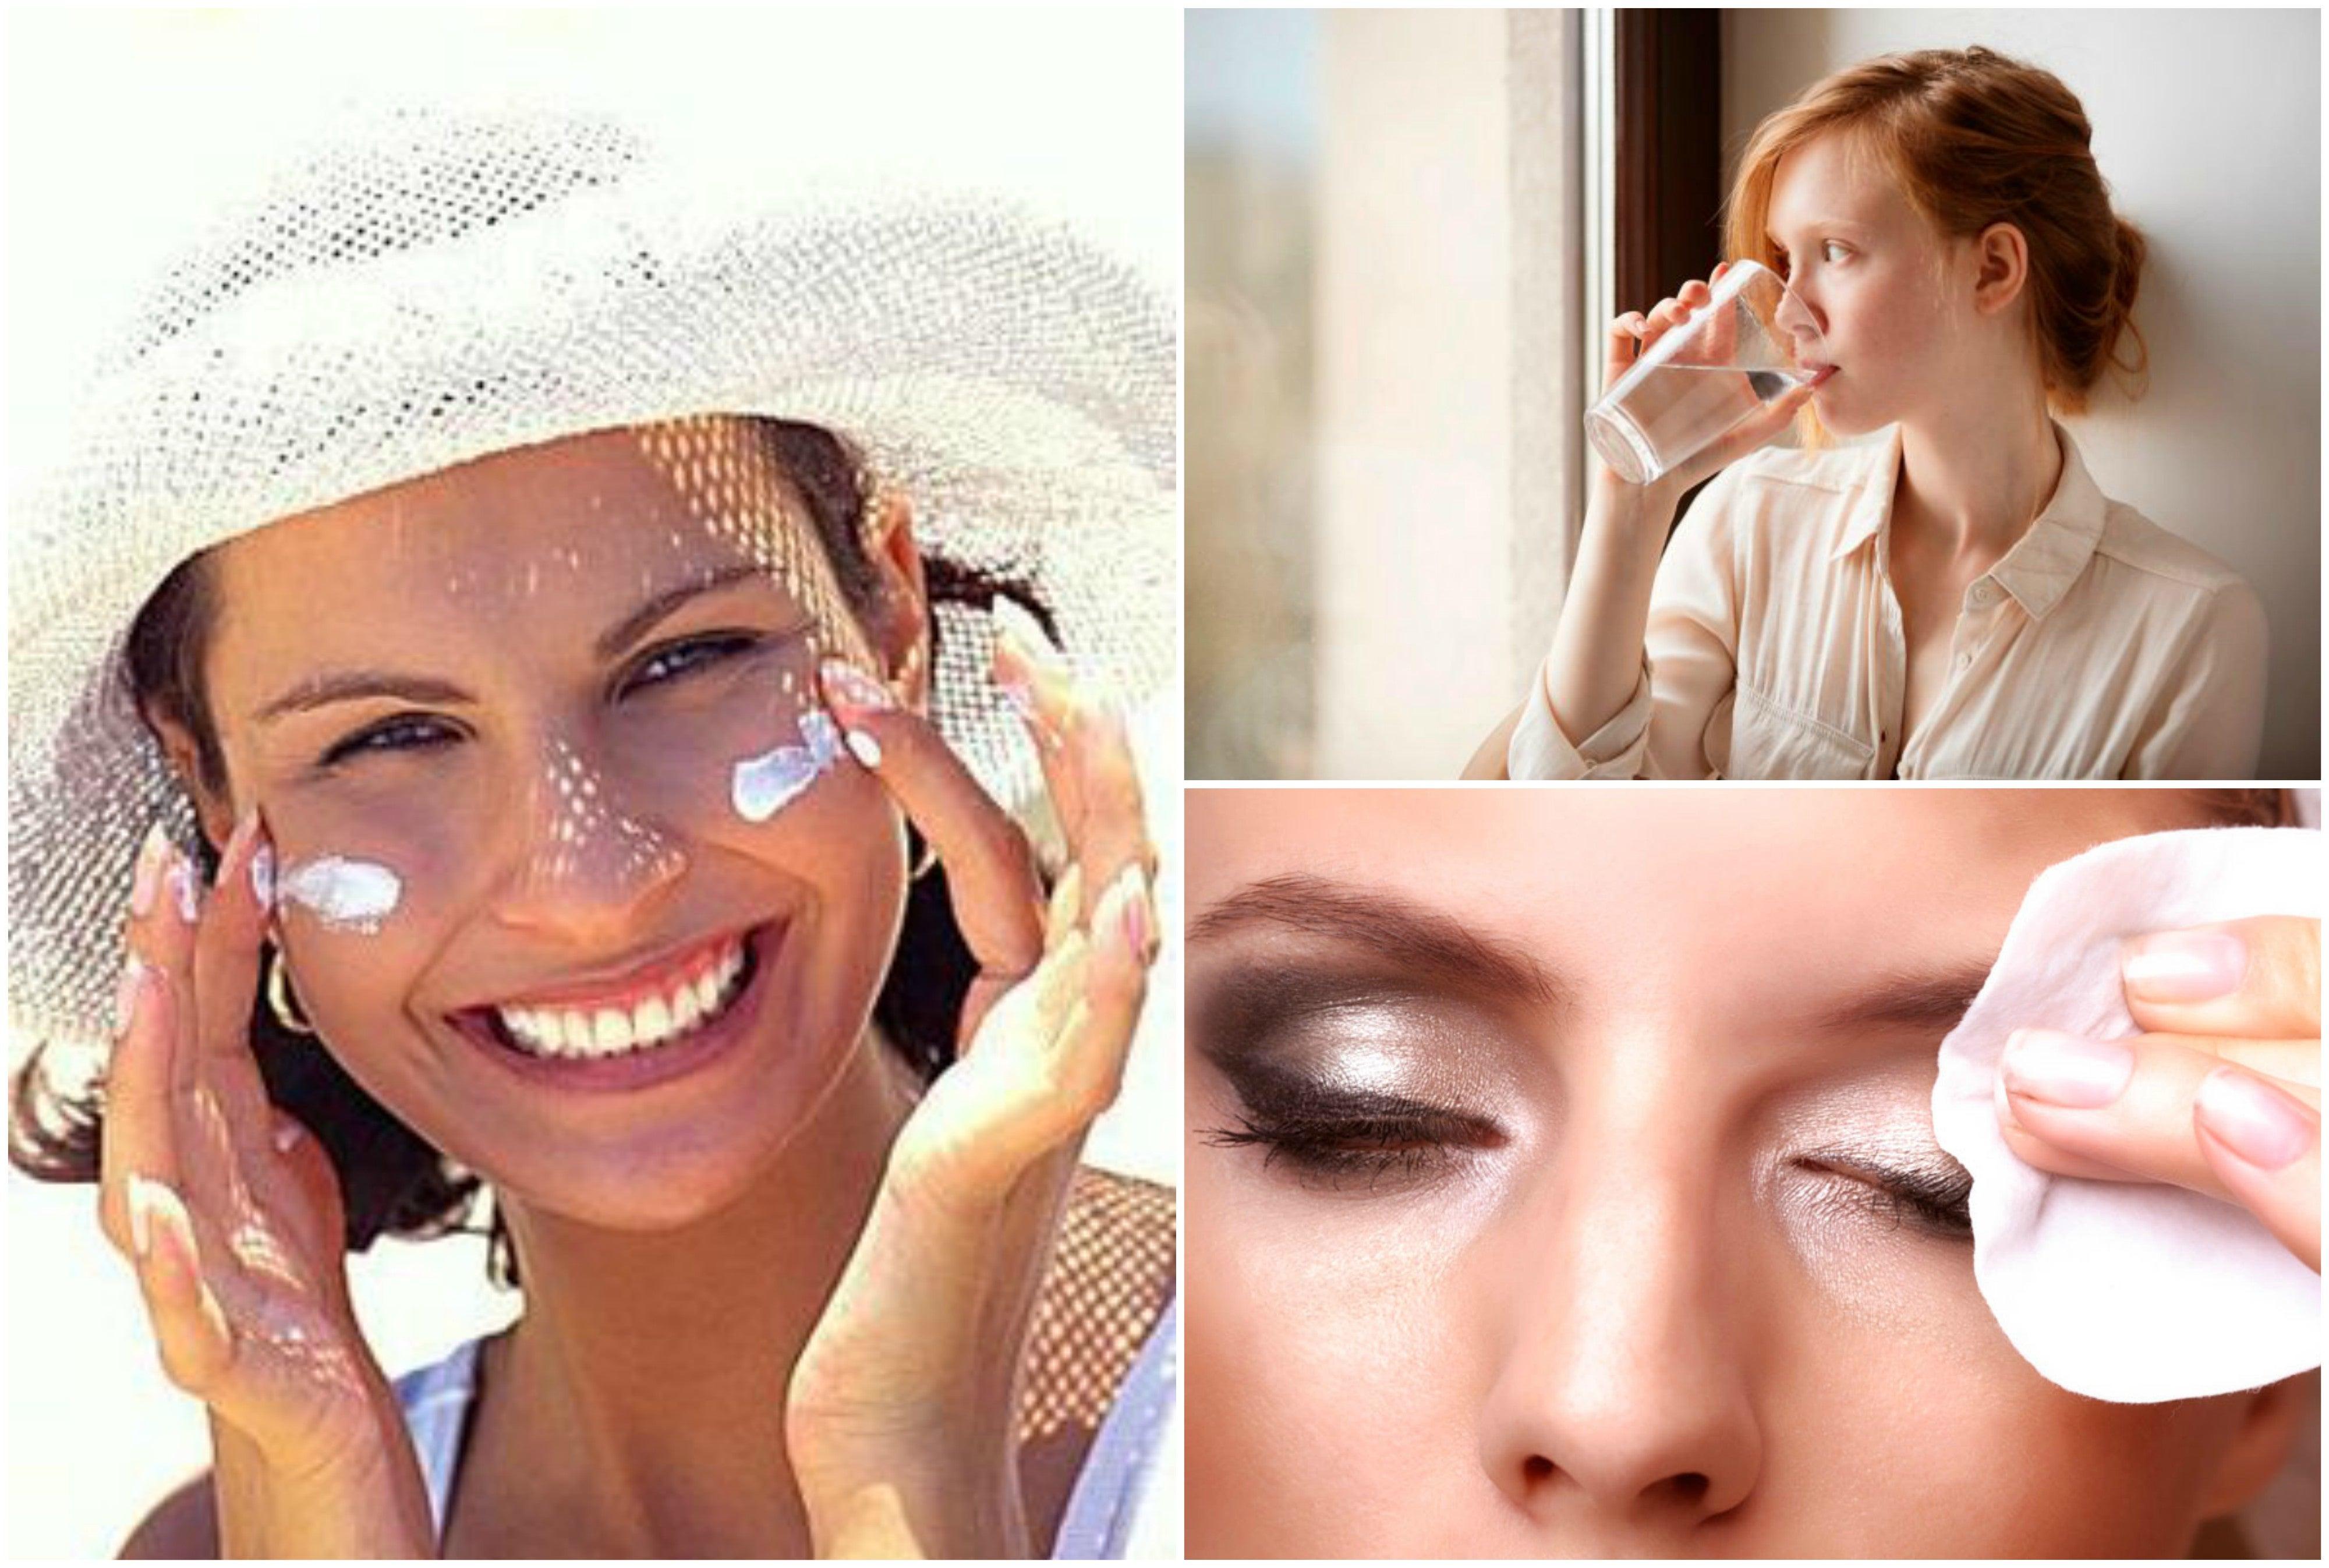 7 sencillos hábitos que debes practicar cada día para cuidar tu rostro